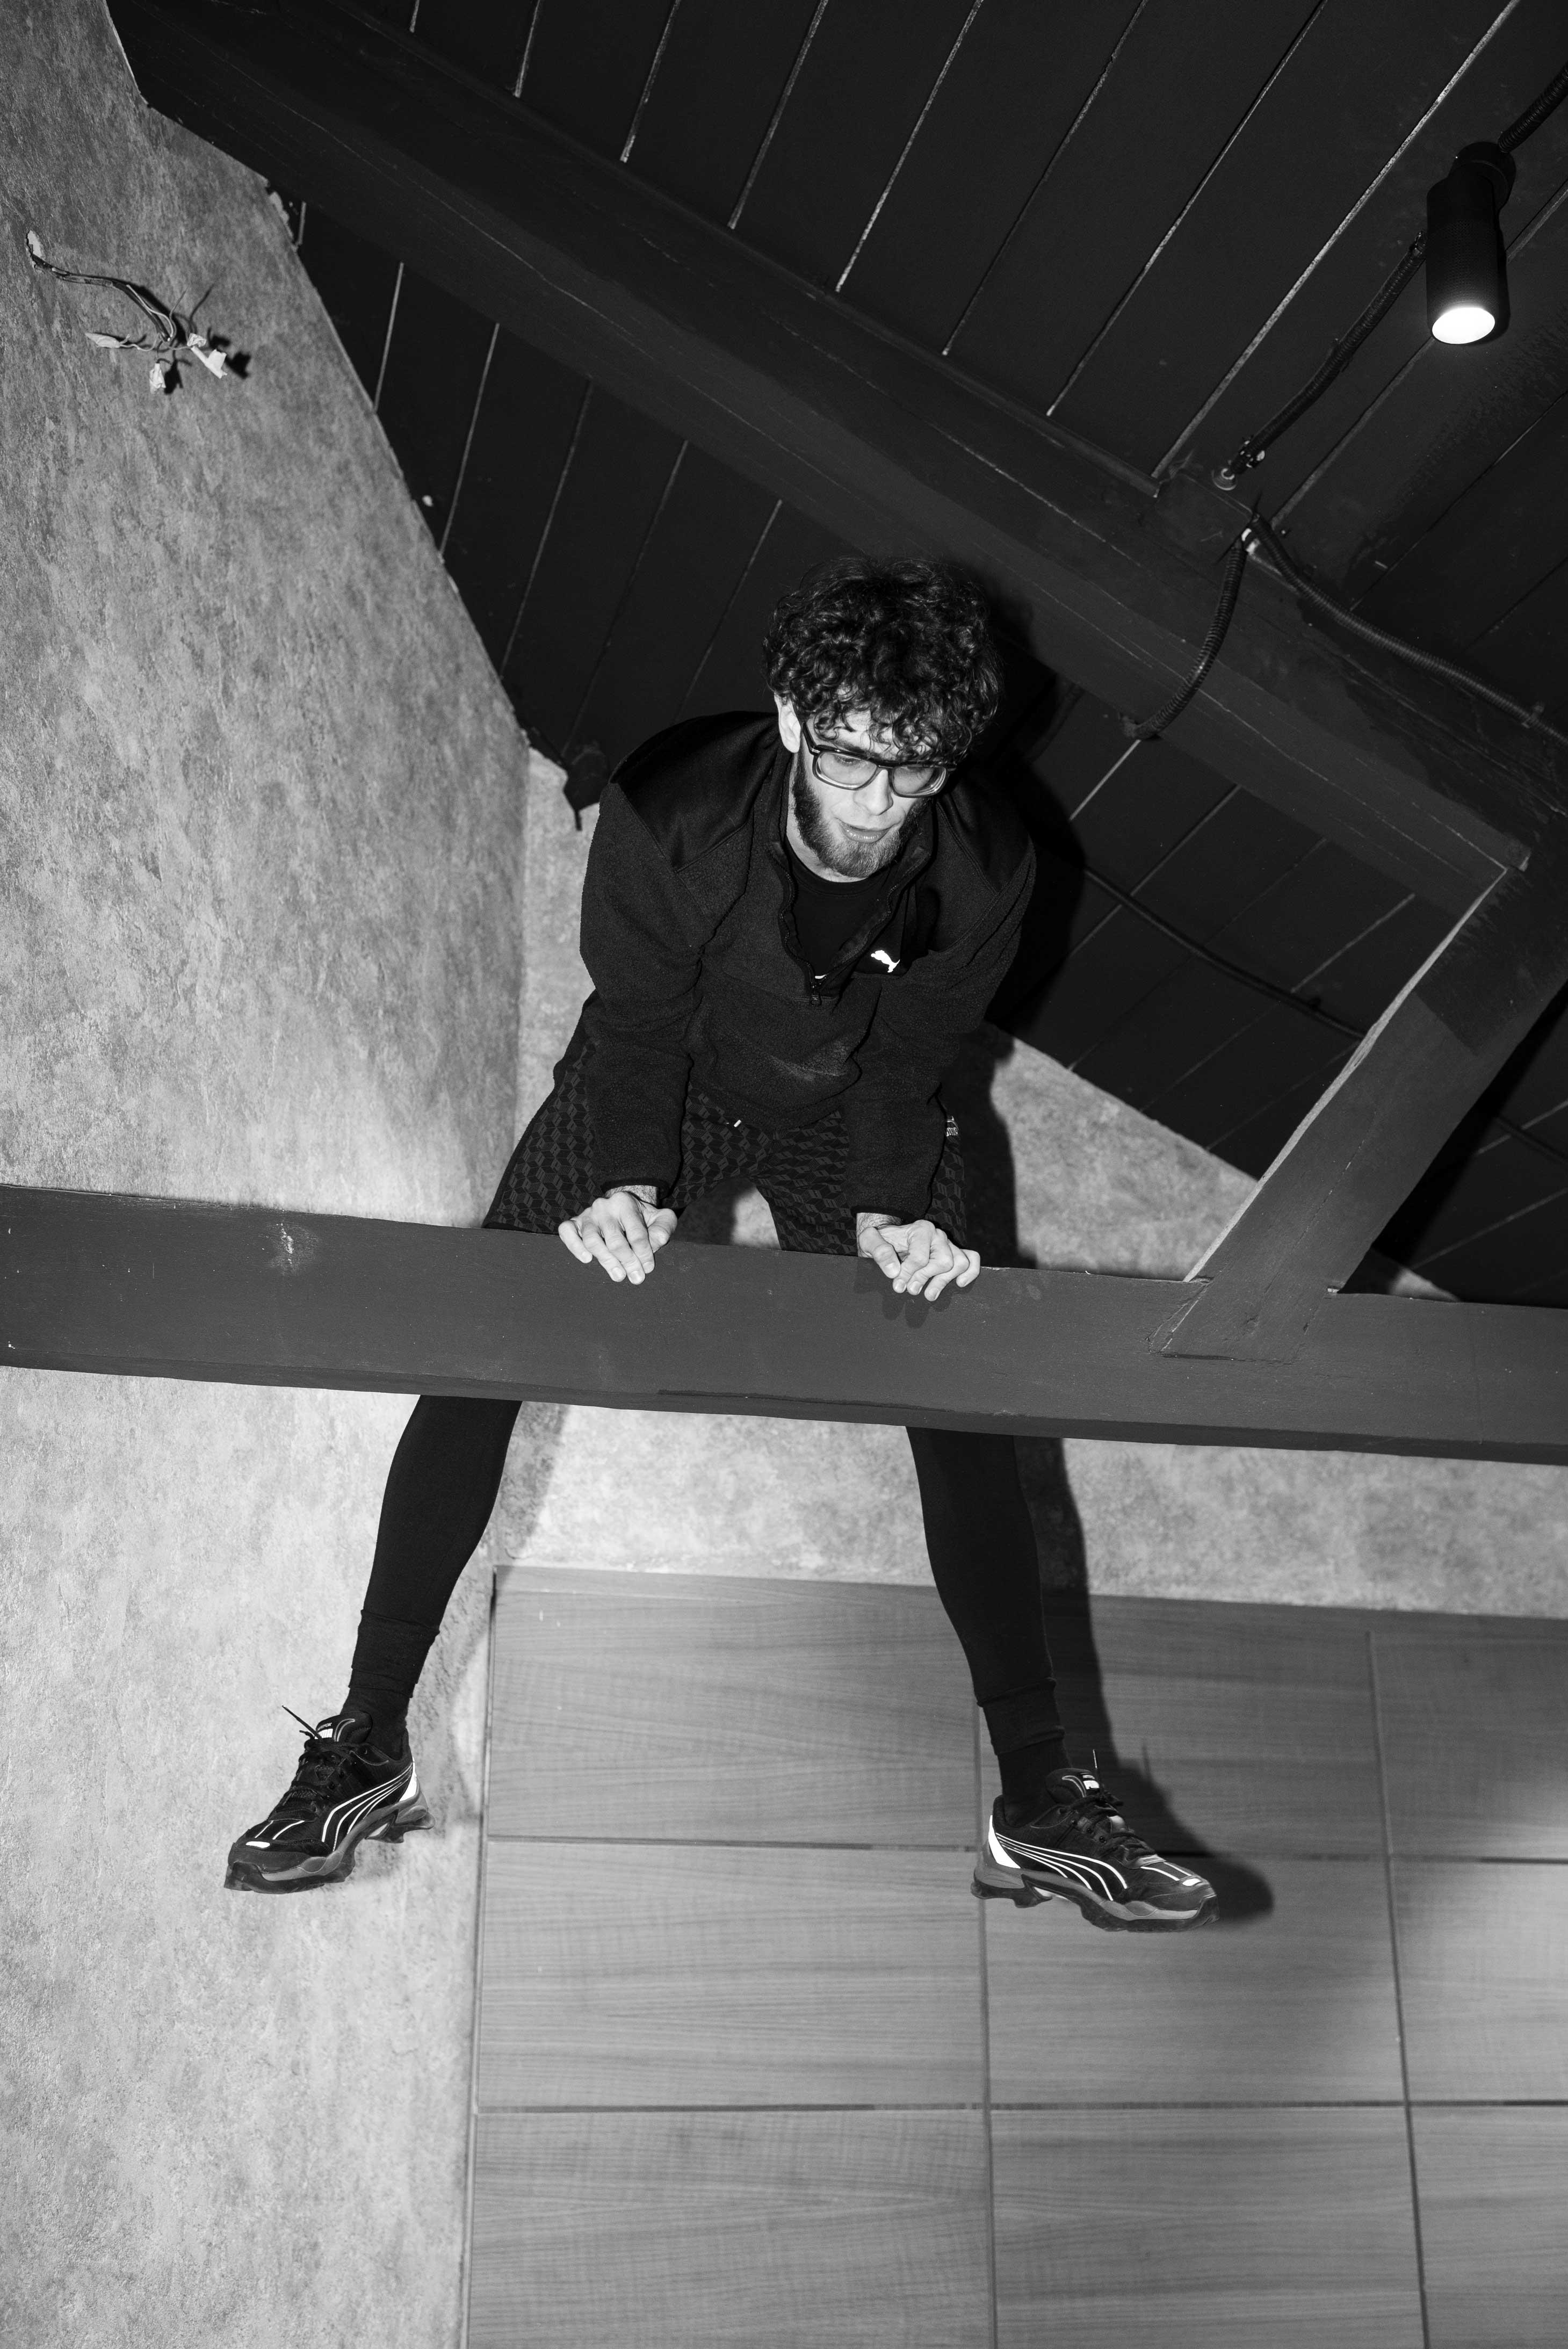 Внедреж: рэпер НЕДРЫ — о дичке, дочке, Моргенштерне, своих принципах и новом альбоме (фото 4)